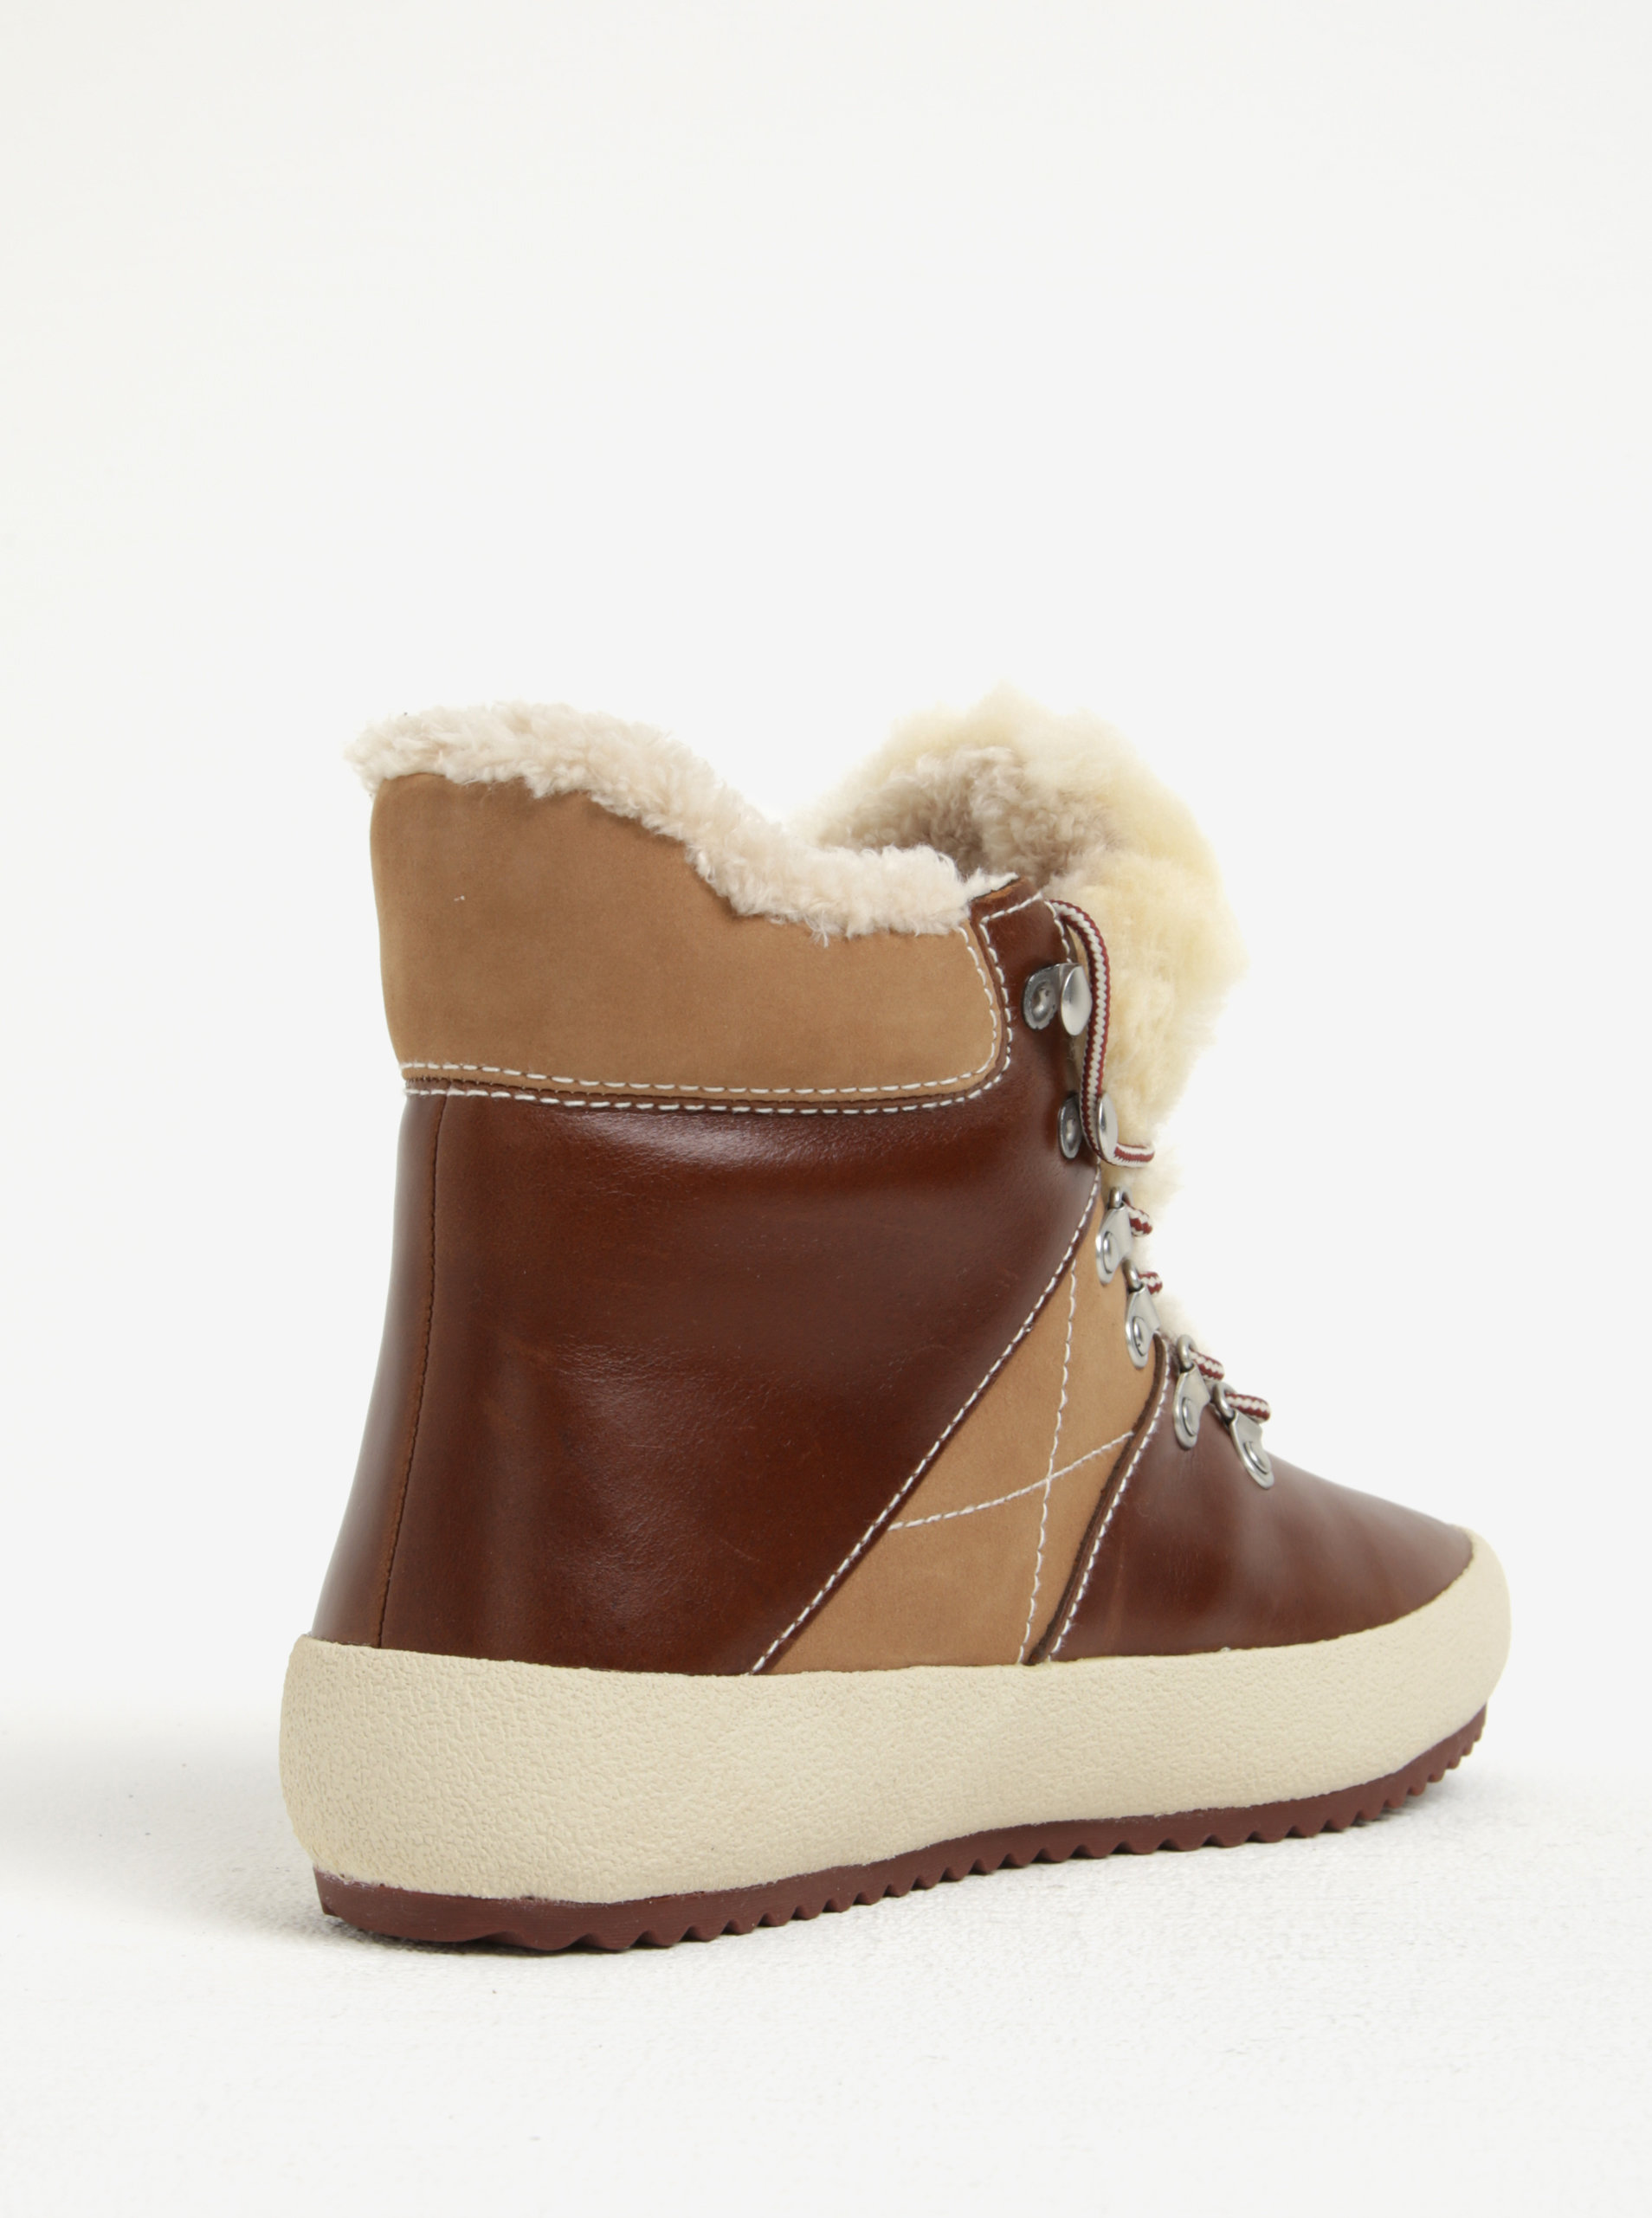 d756e4b3e921 Hnedé dámske kožené zateplené členkové topánky GANT Amy ...